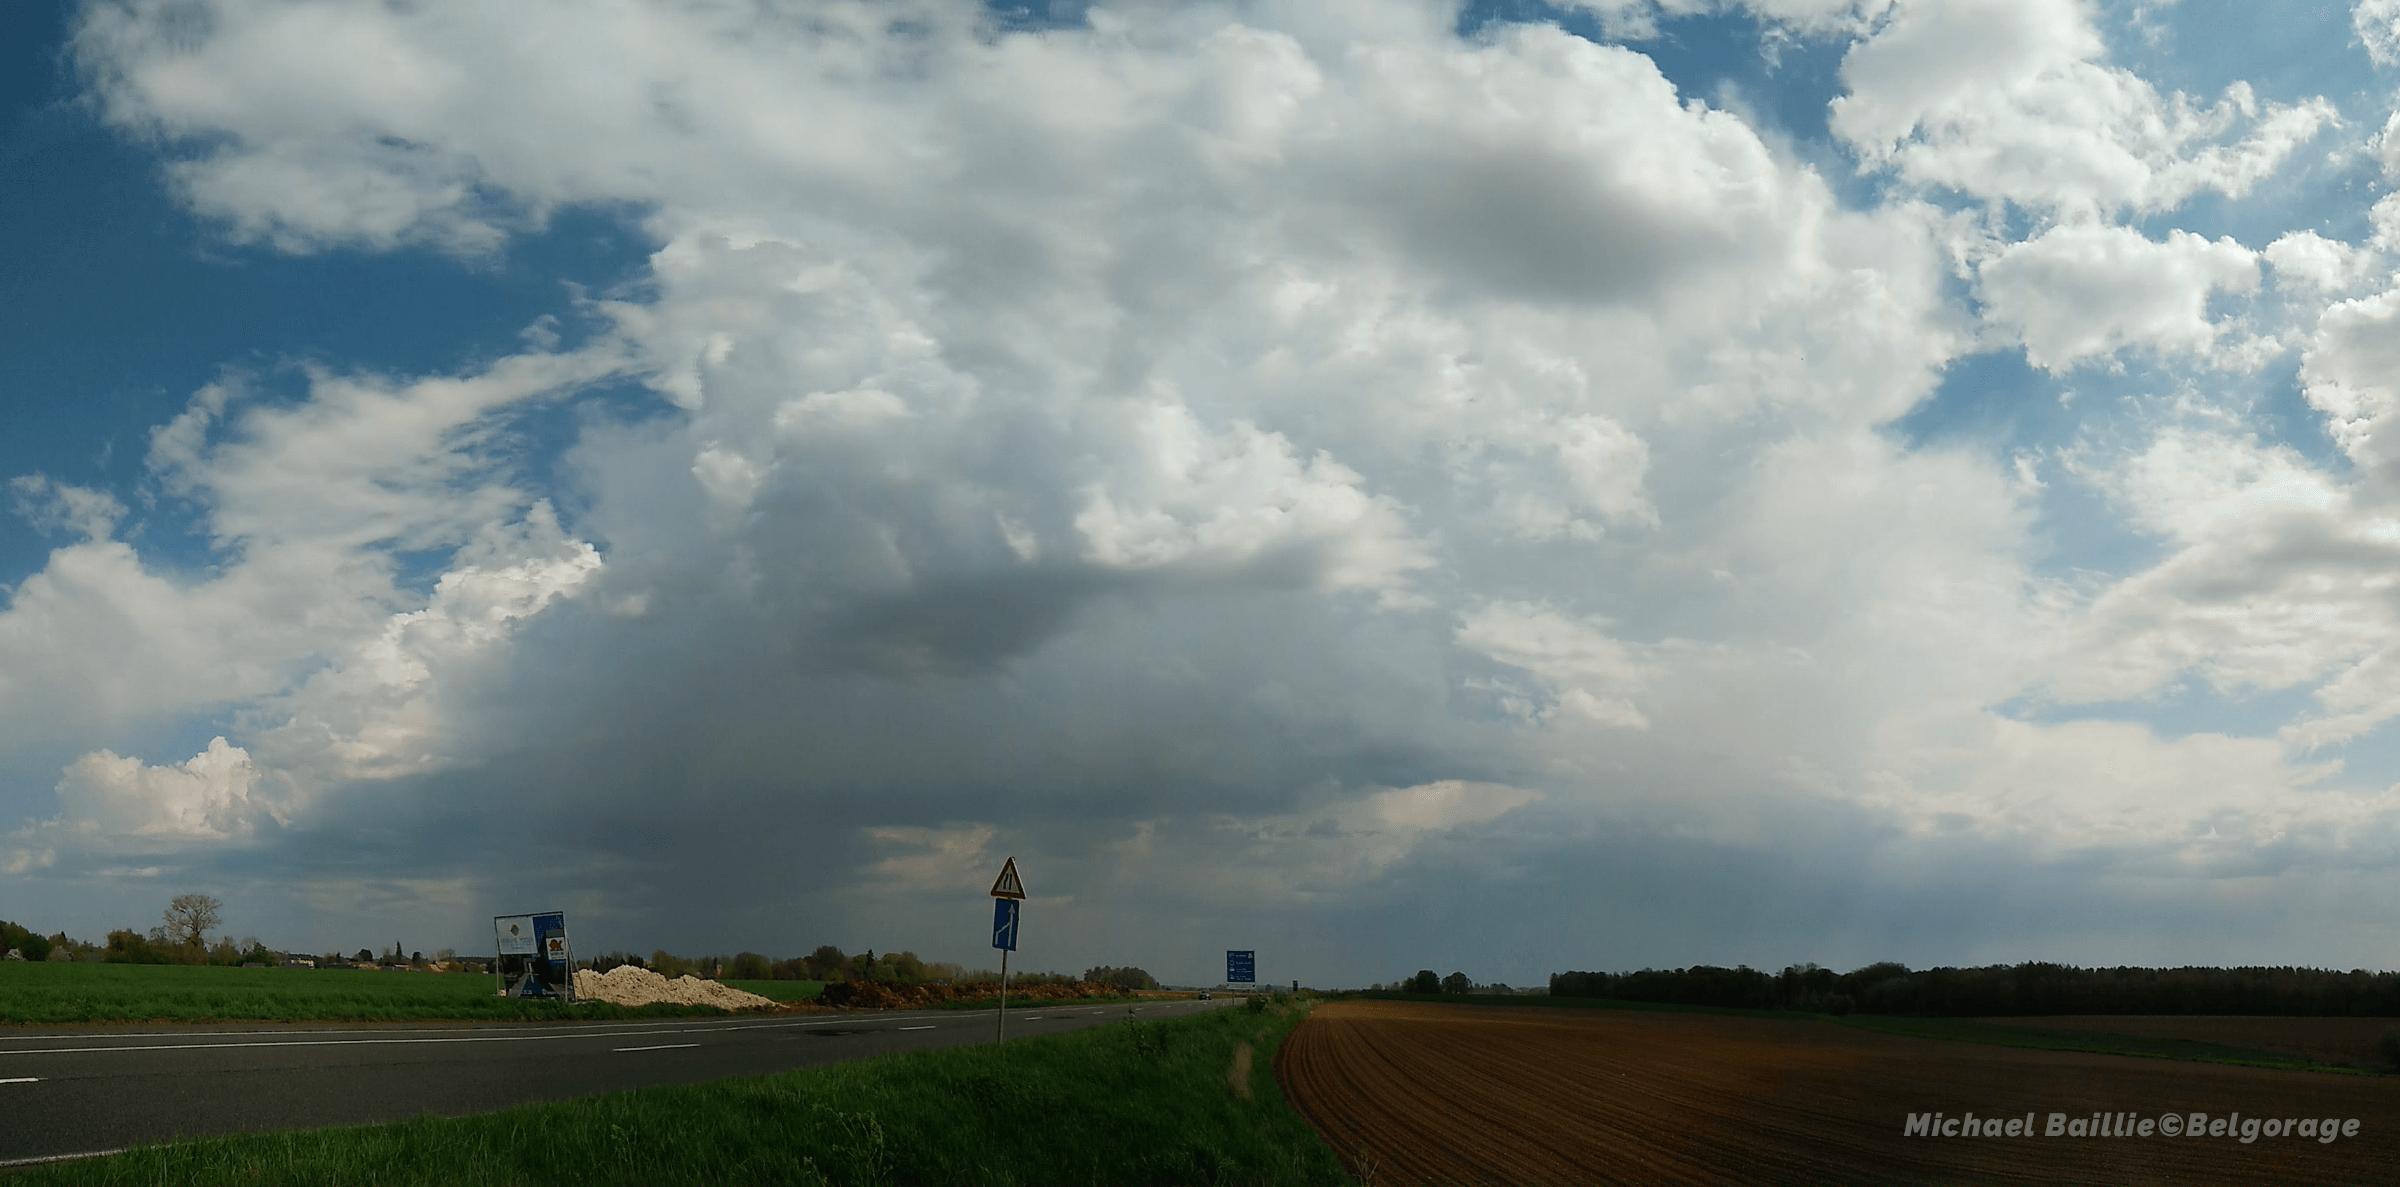 Orage monocellulaire observé depuis la région d'Upigny dans la province de Namur en Belgique, le 22 avril 2018 à 12h30. Crédit photo : Michael Baillie